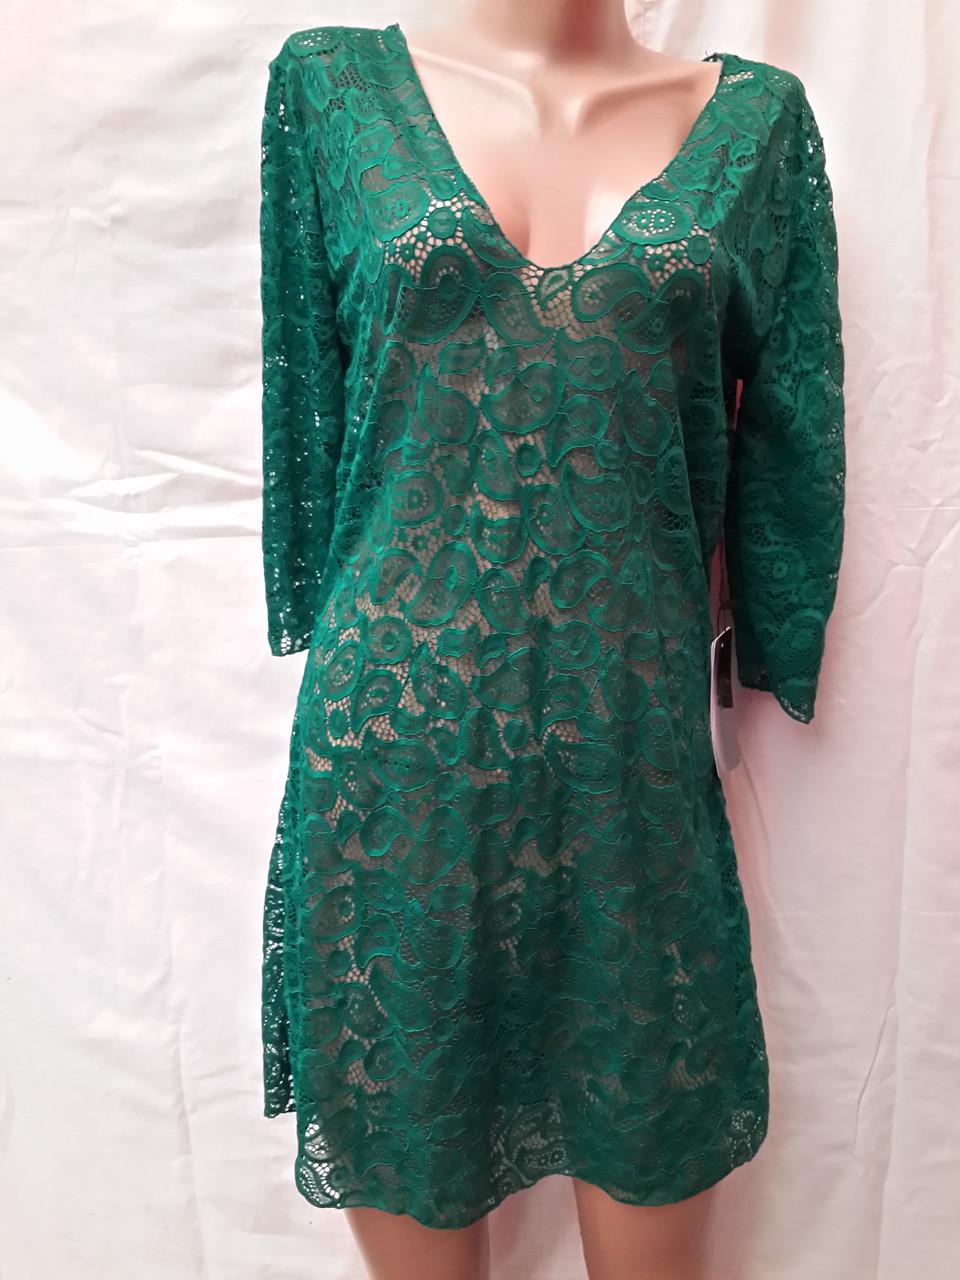 Платье-туника пляжное 025 Тиффани темно-зеленое на наши 44-46 размеры.